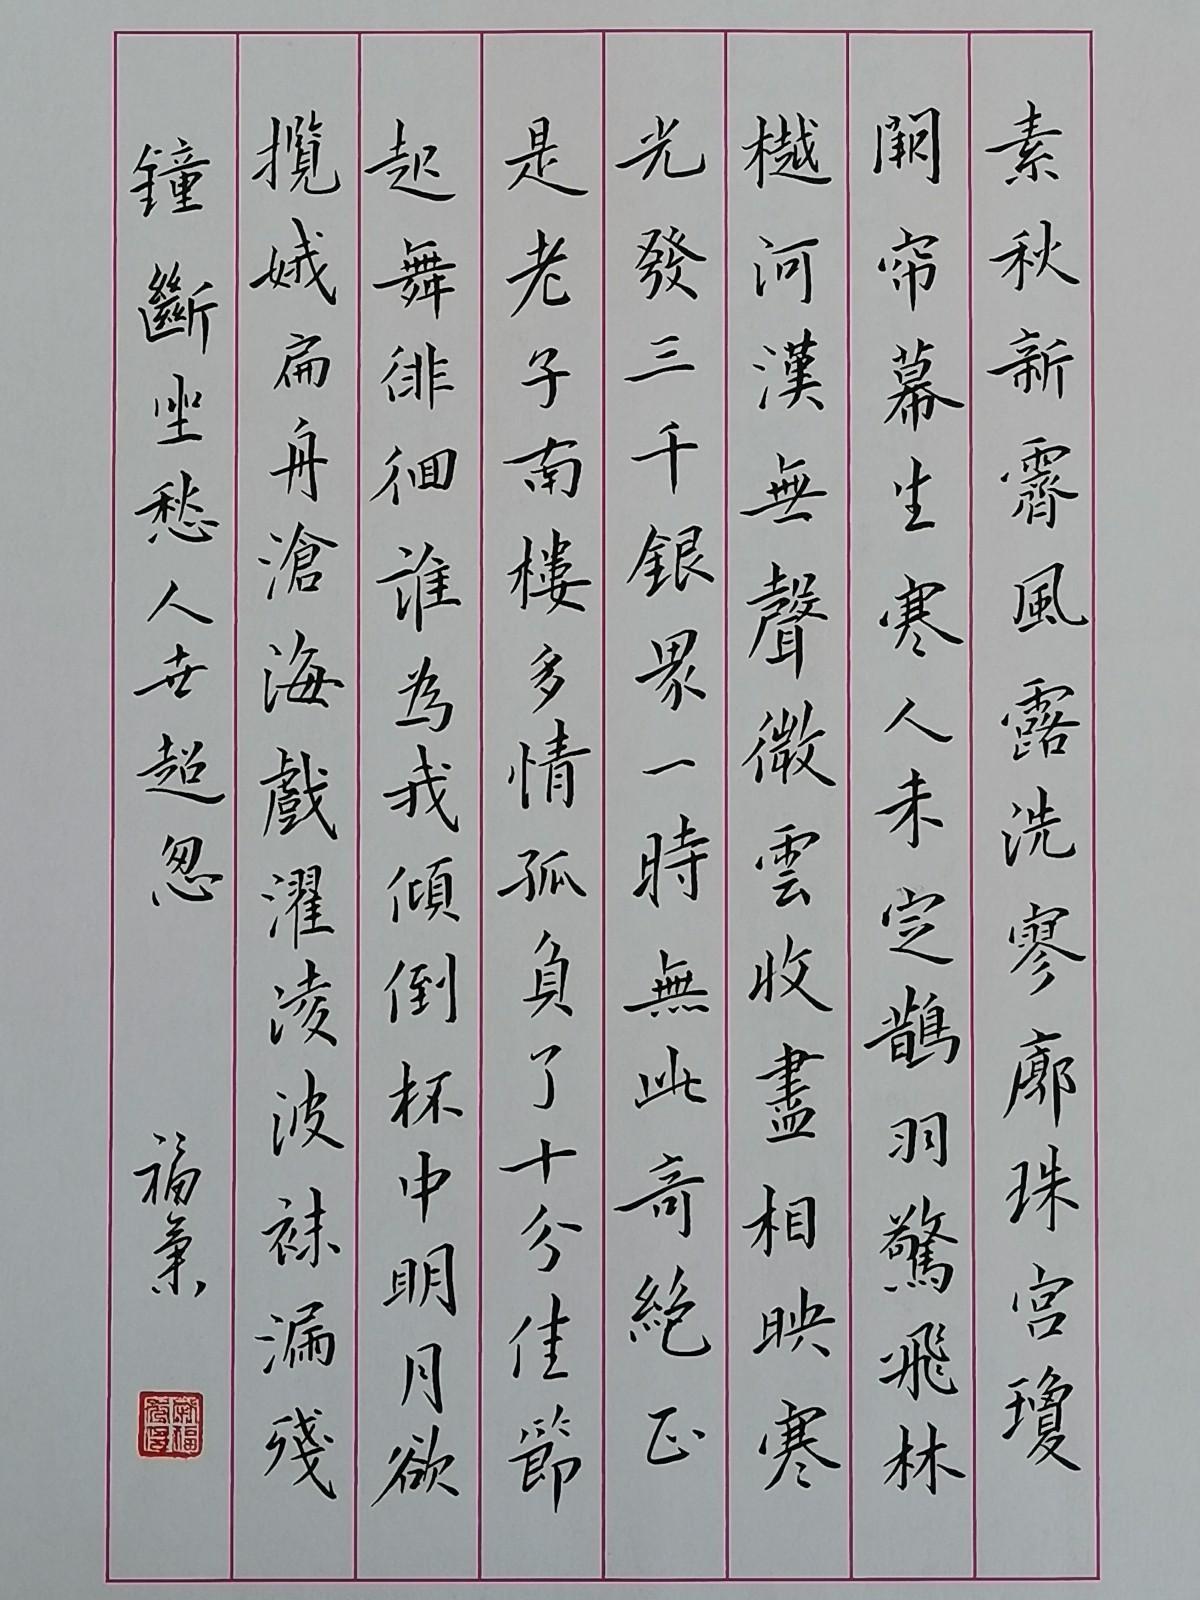 钢笔字练字打卡20201020-02